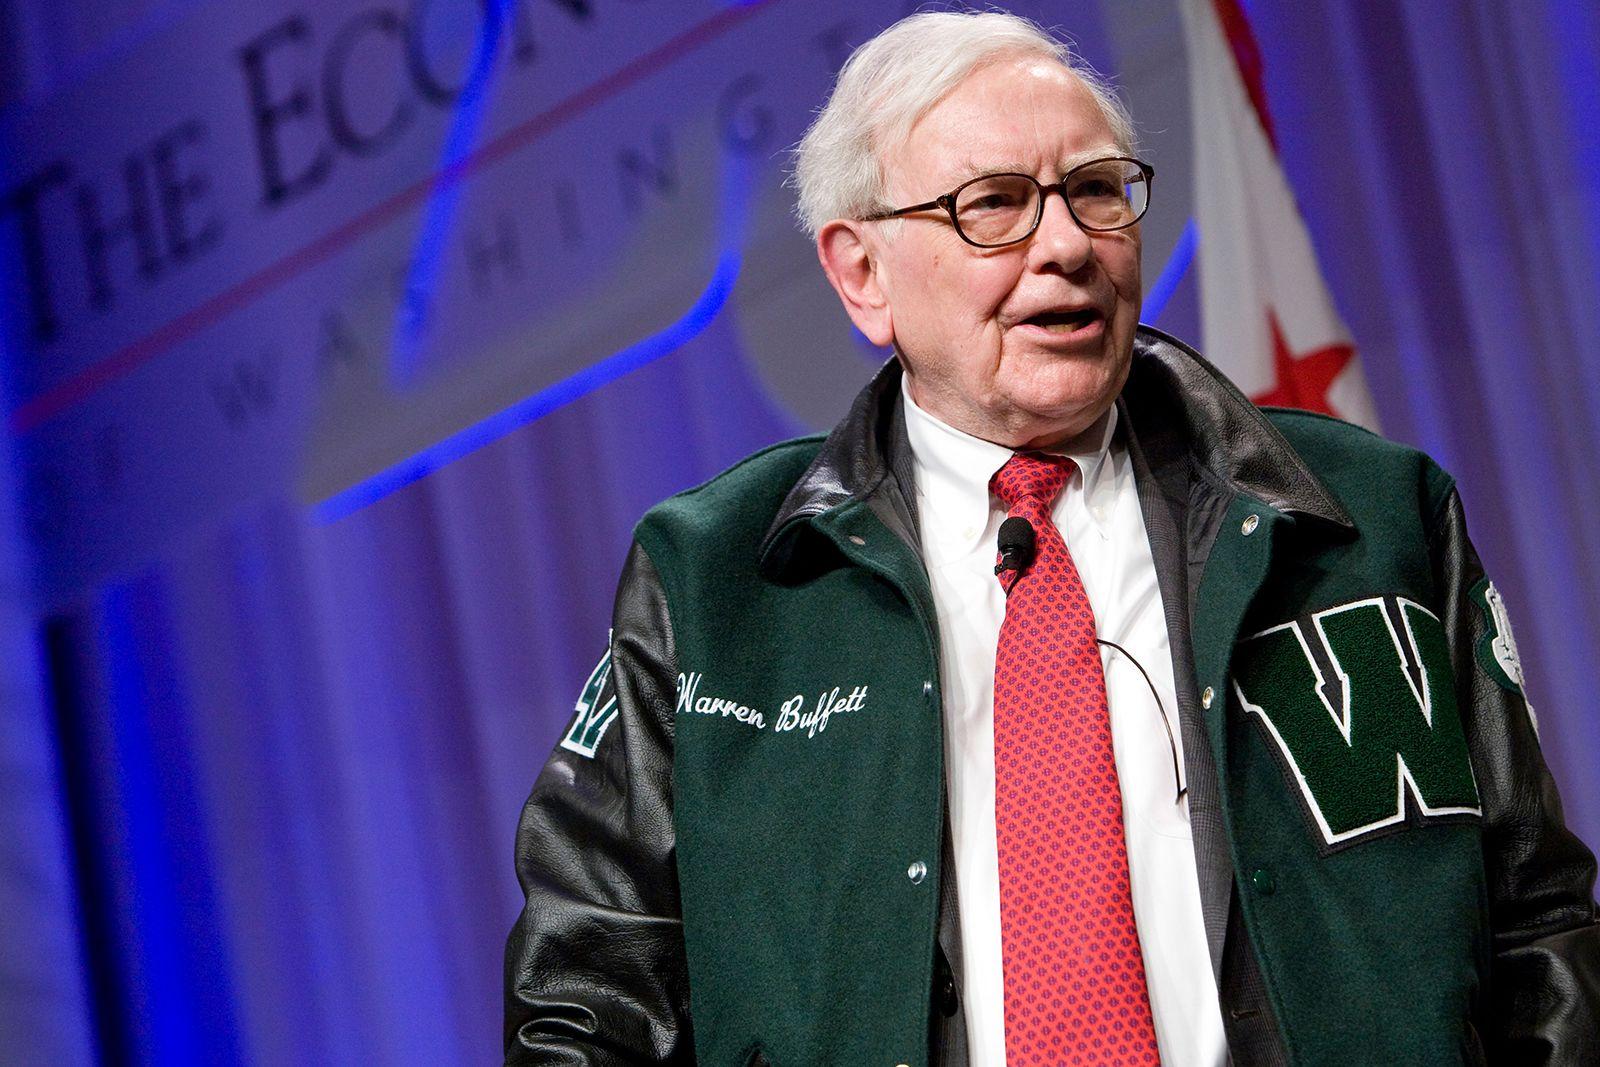 Warren Buffett công bố 5 khoản đầu tư tỉ đô trong ngày sinh nhật 90 tuổi - Ảnh 1.